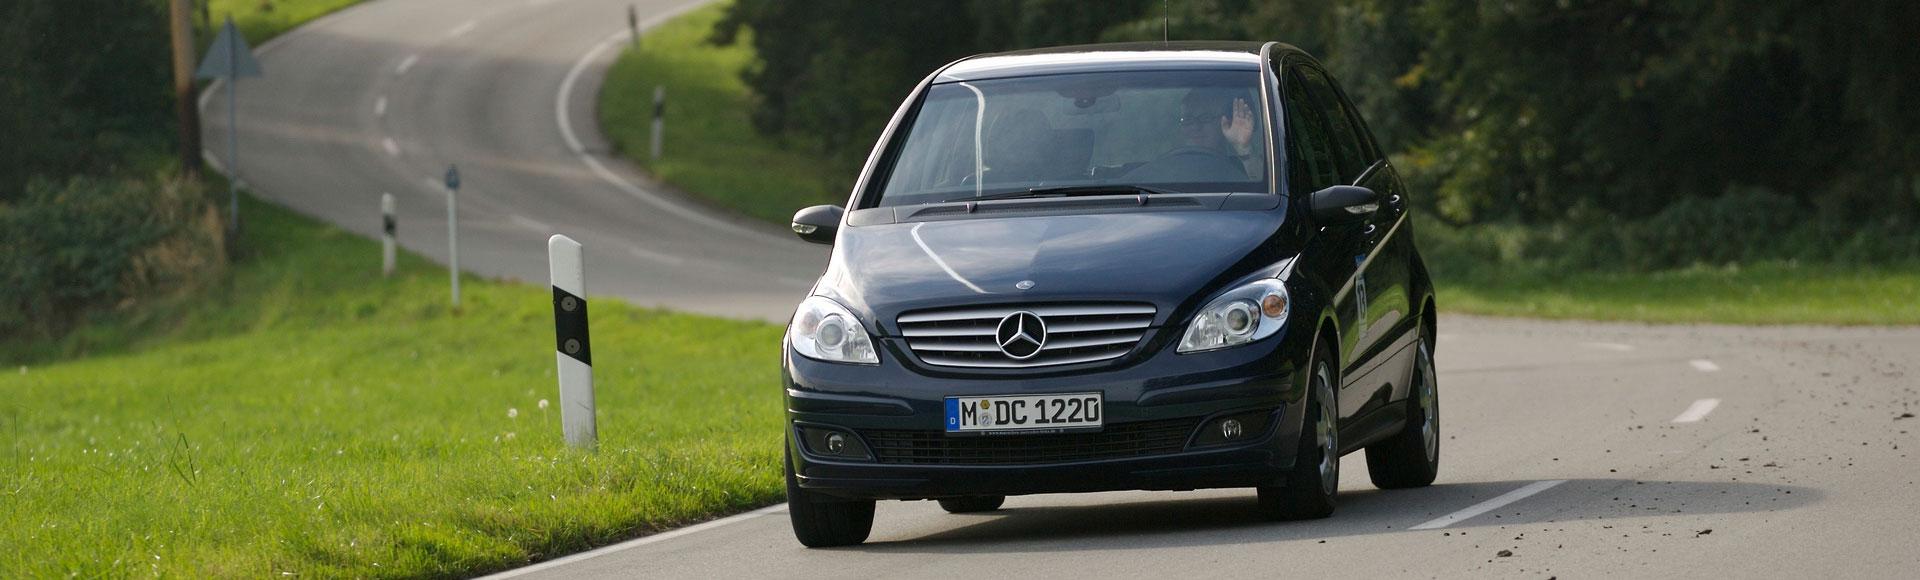 Mercedes Benz A Klasse Sommer 2006 513